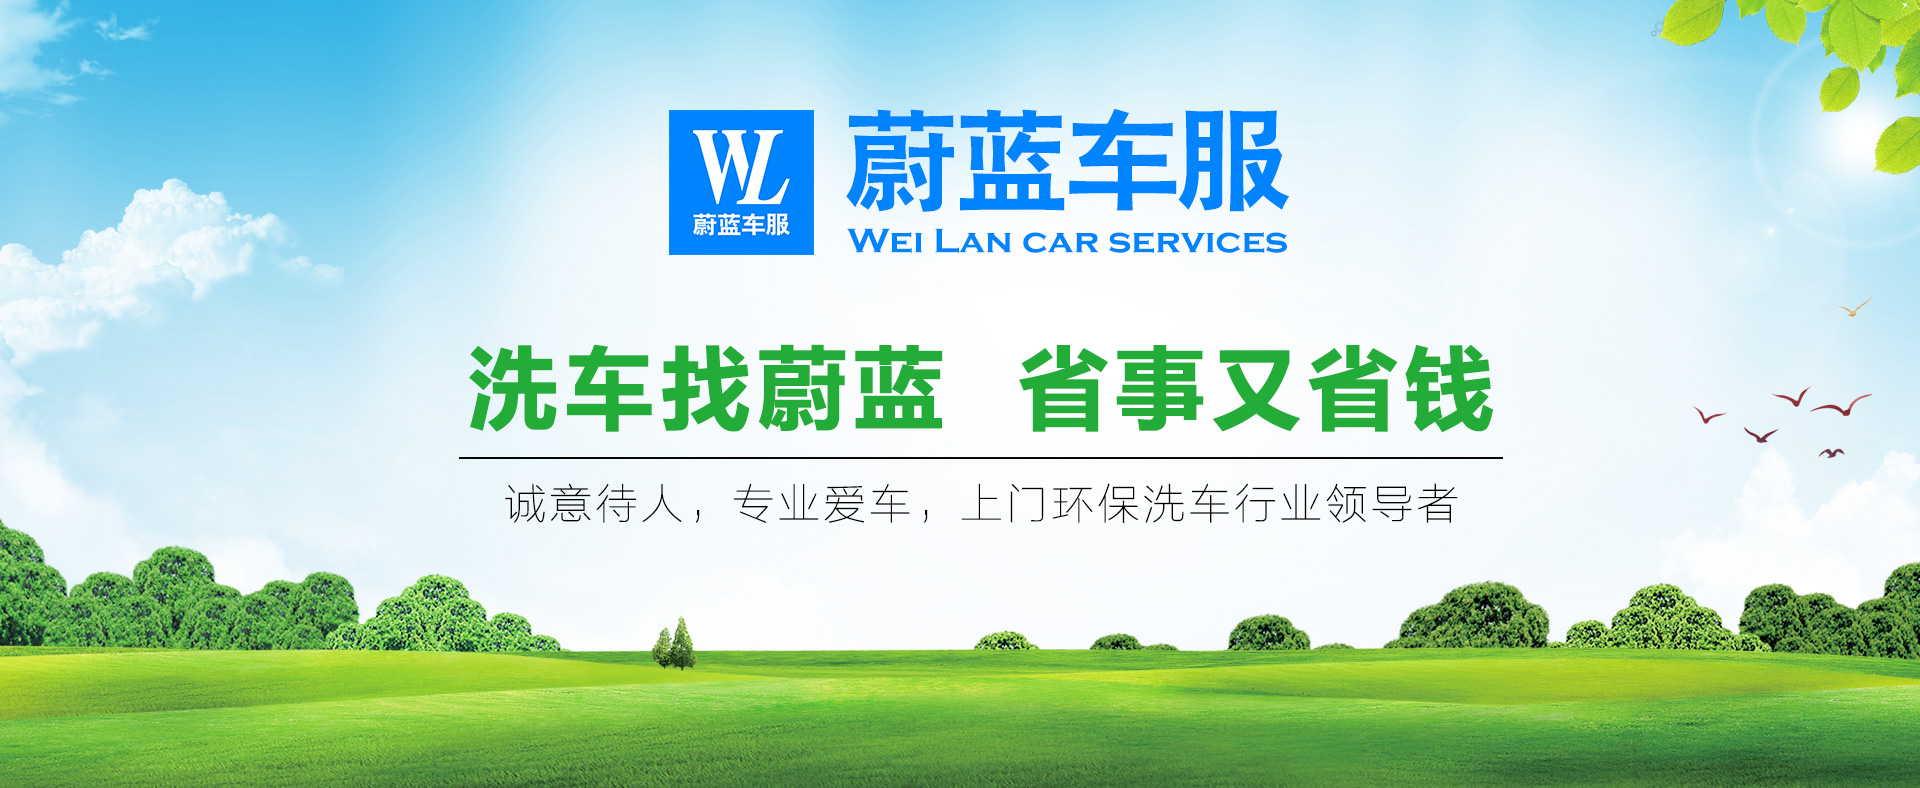 洗车难,洗车贵,你还在为洗车发愁吗?蔚蓝车服上门洗车解决您的困扰!